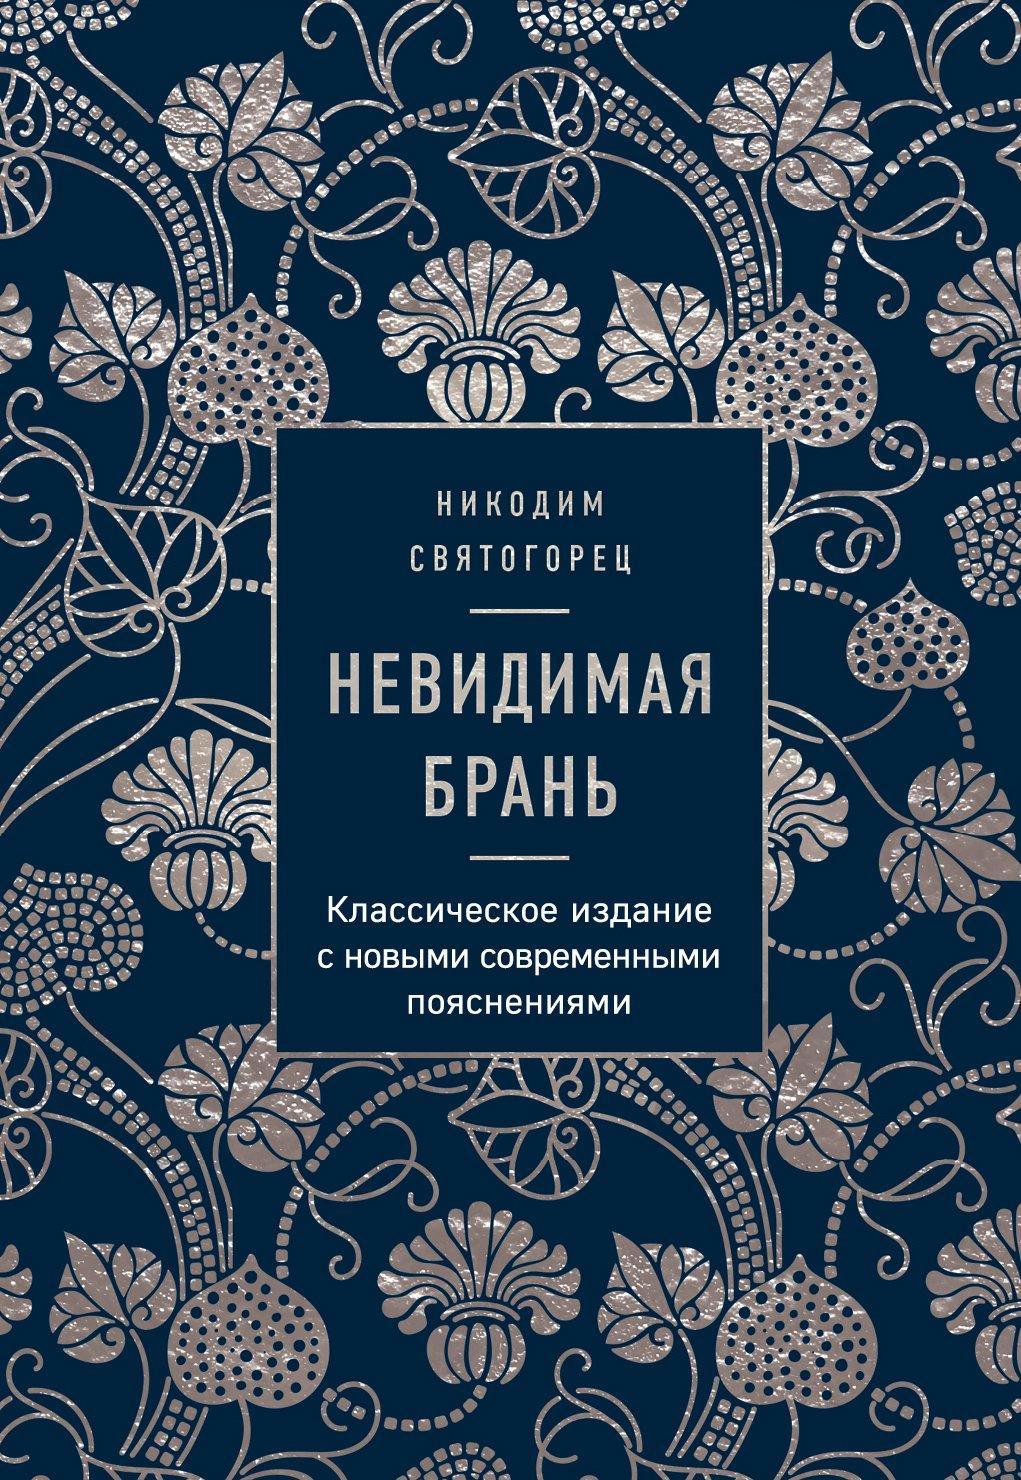 Купить книгу Невидимая брань, автора Никодима Святогорца